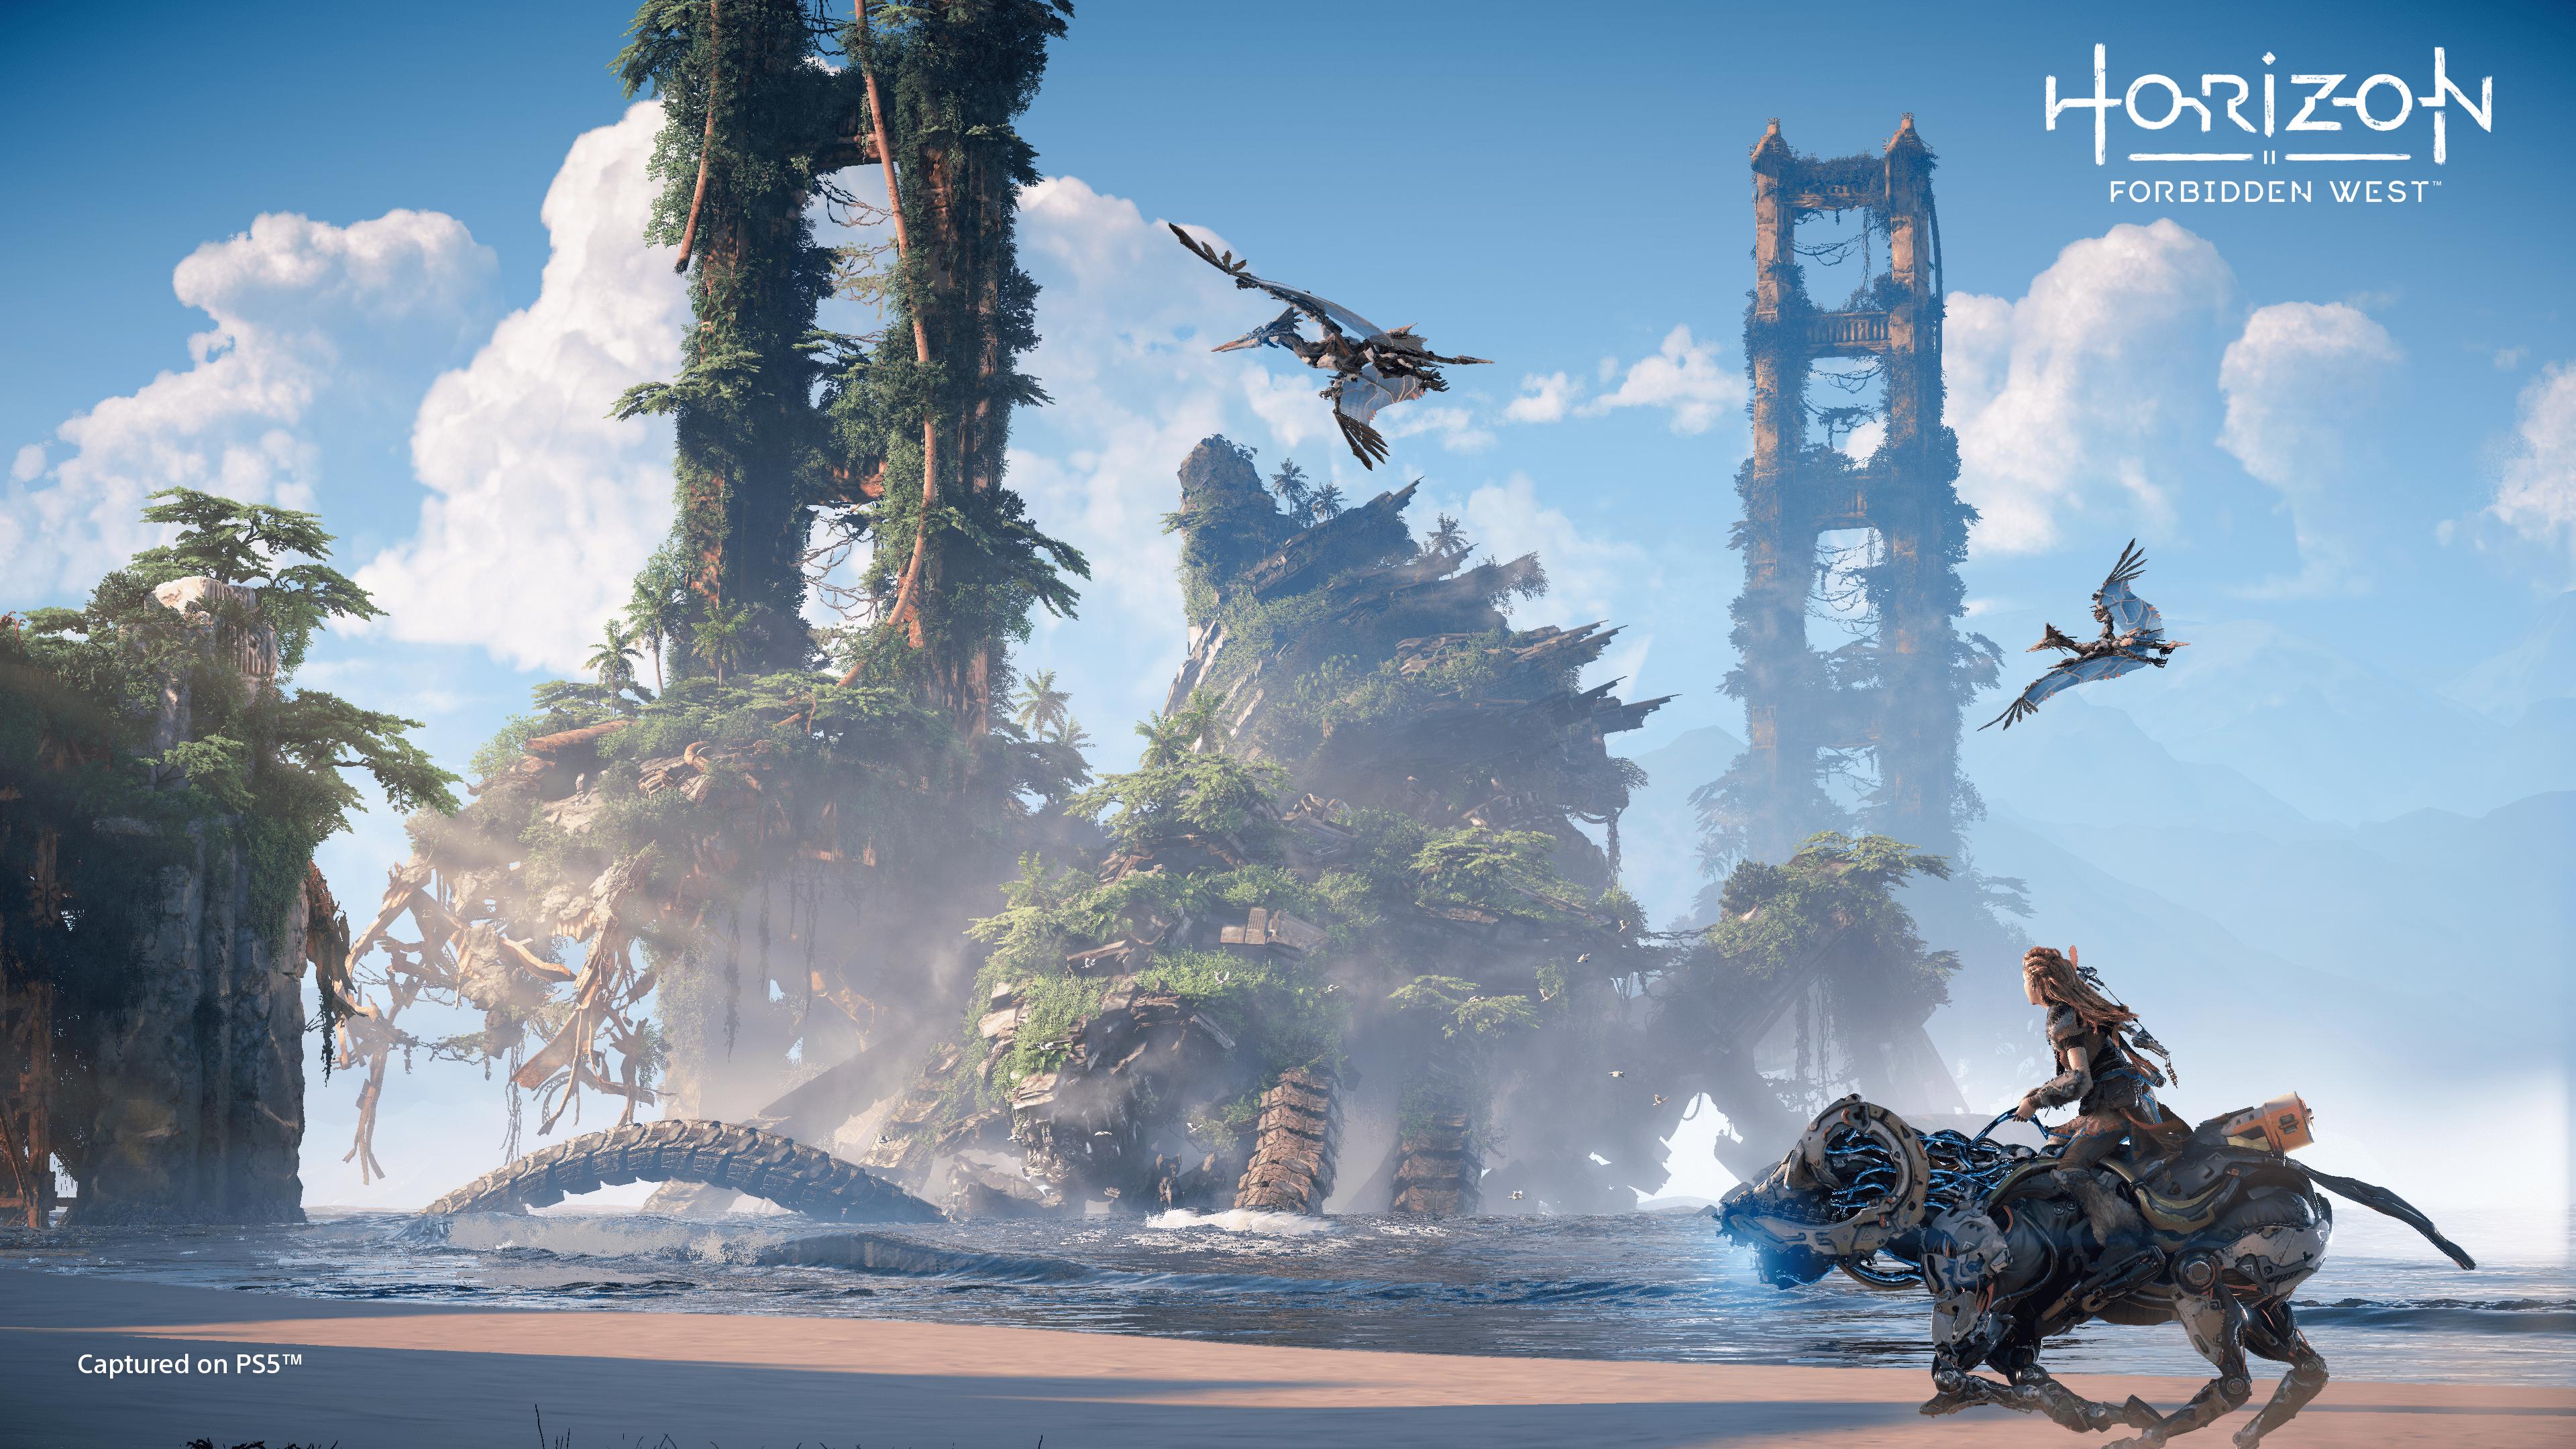 Horizon Forbidden West - PS4 / PS5 - Wallpapers - 4K